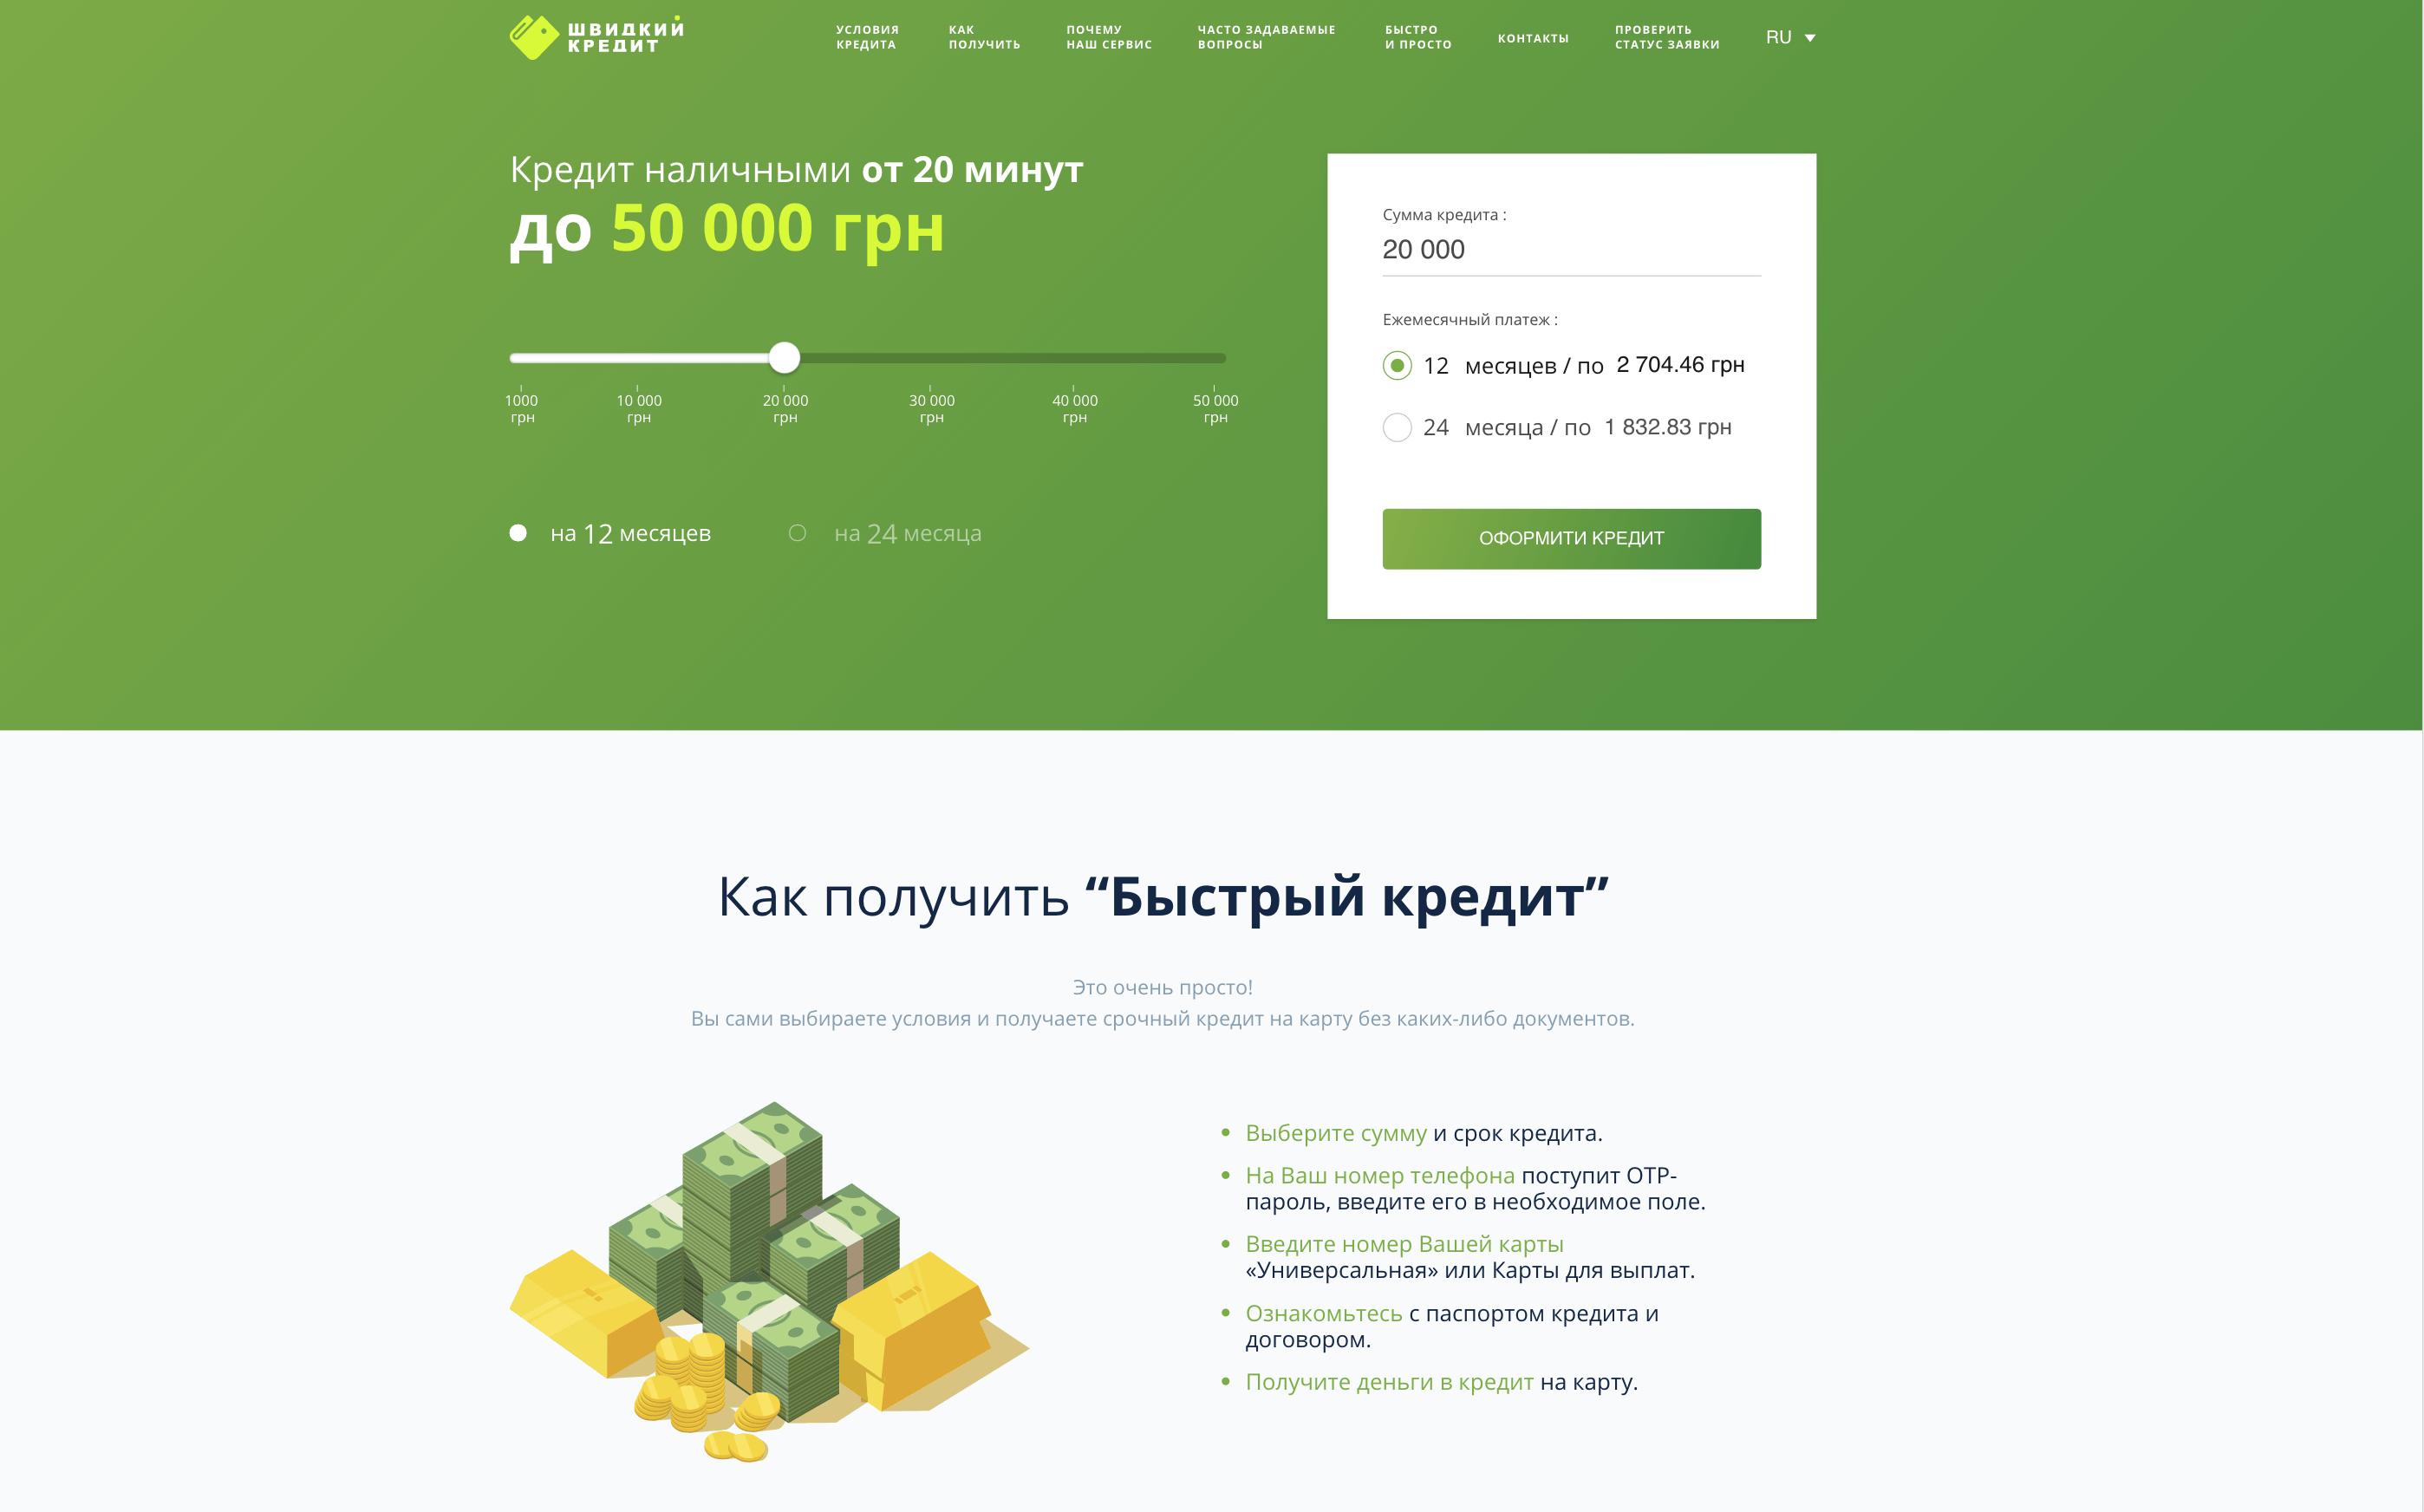 Онлайн кредит приватбанк универсальная взять потребительский кредит ярославль